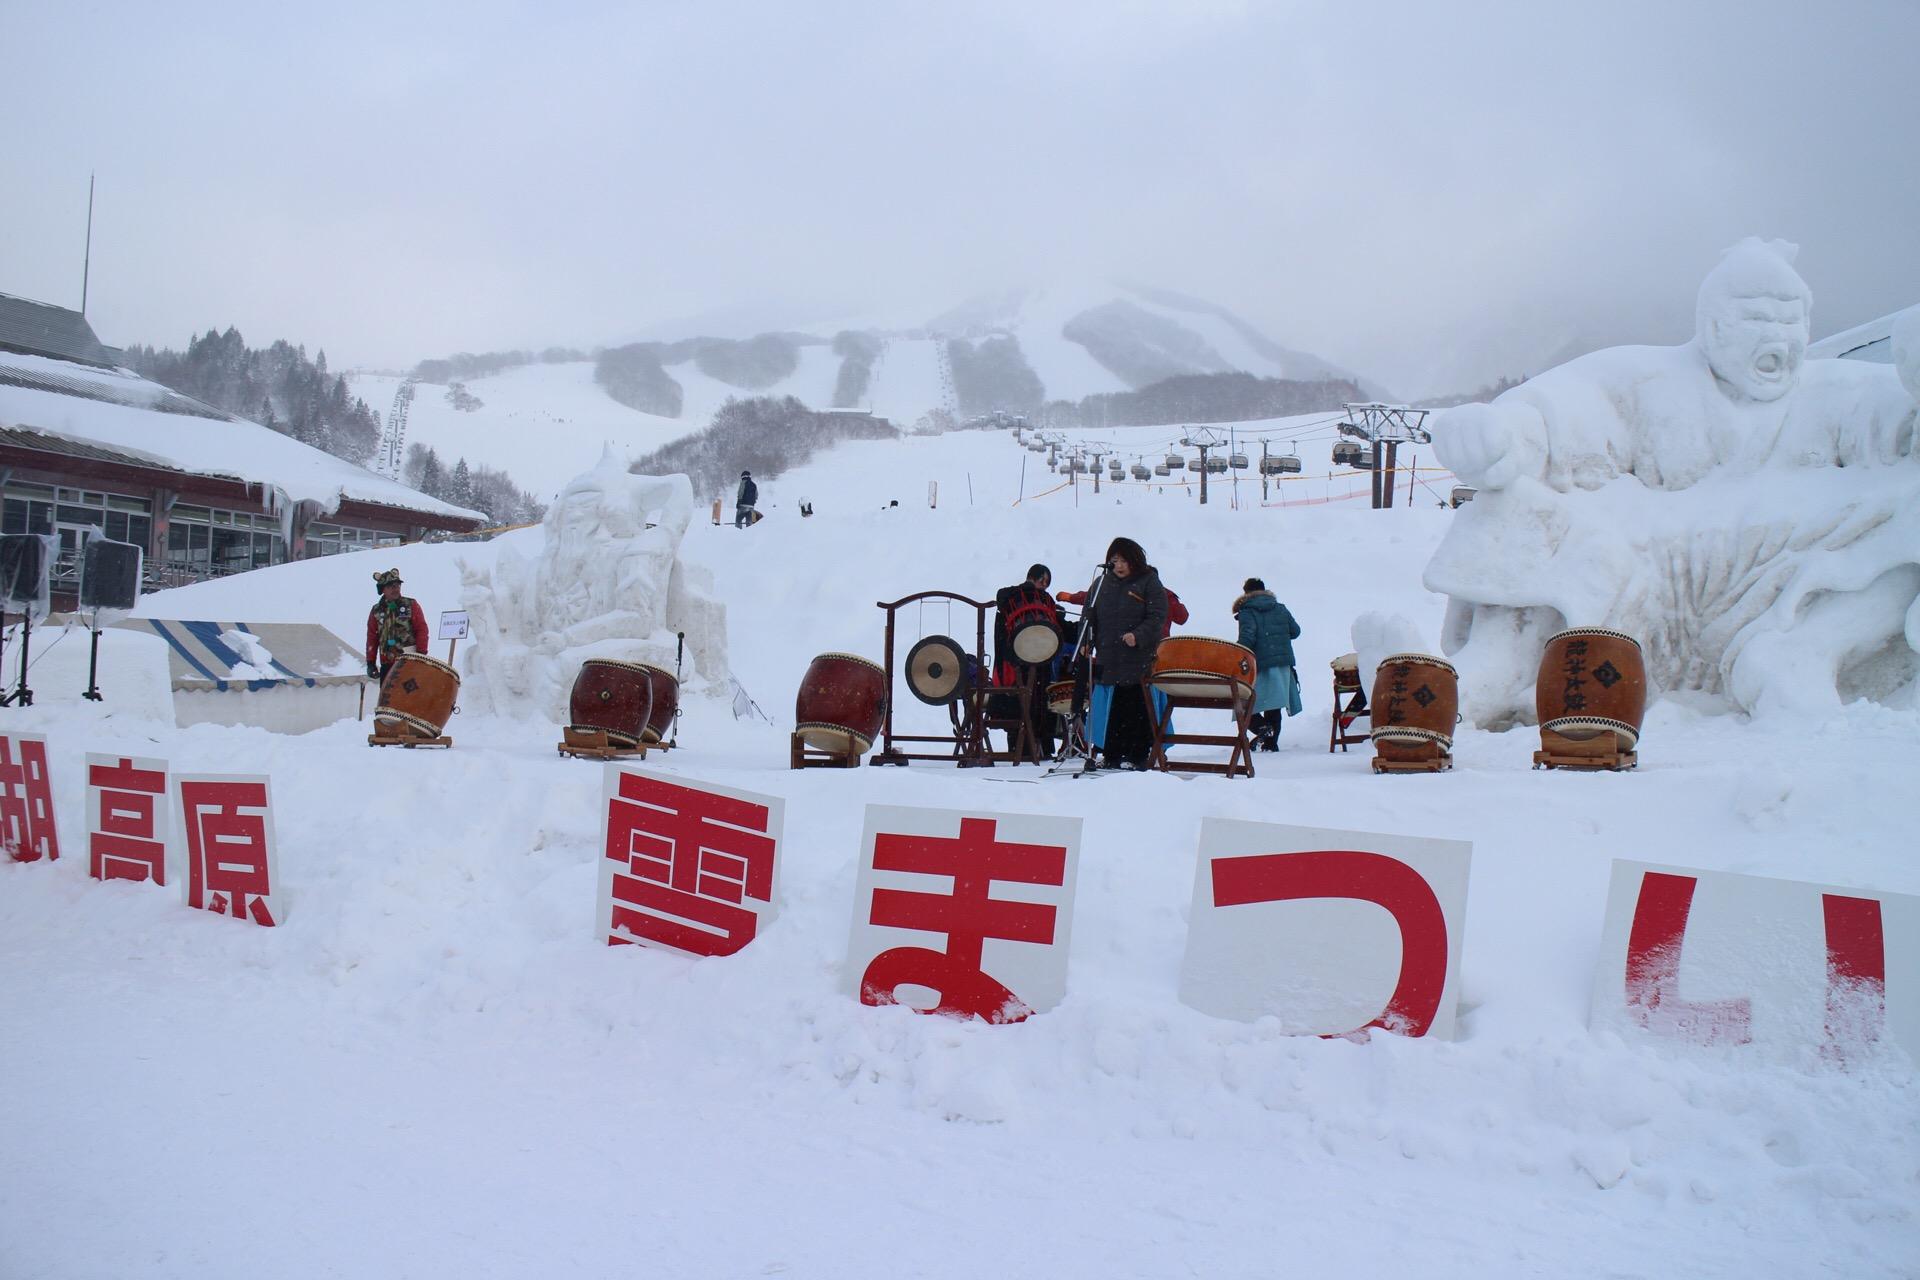 今年初公演は田沢湖高原雪まつりでの公演!